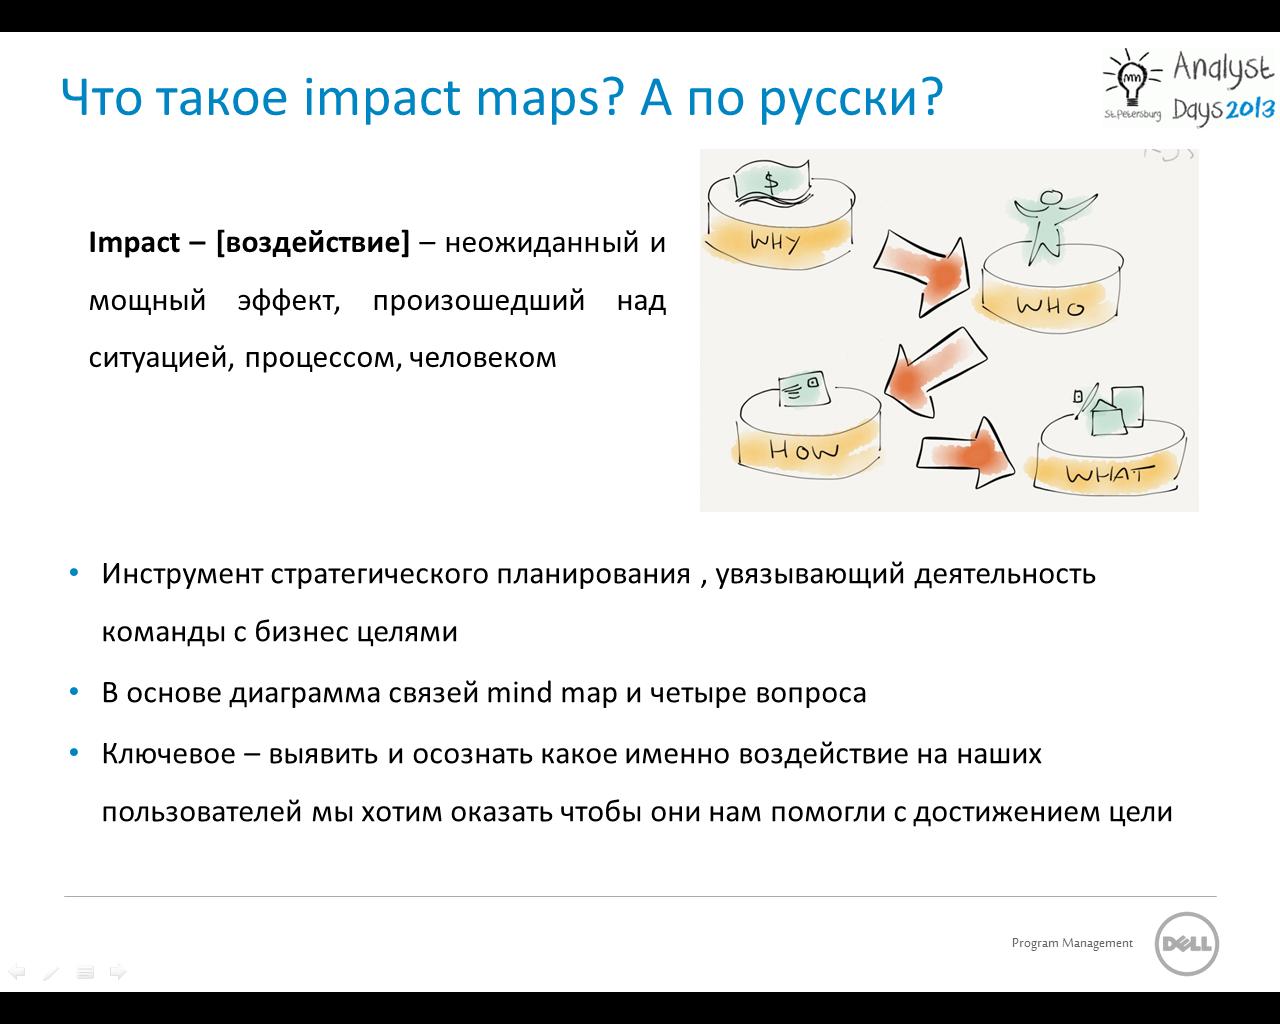 Impact Mapping — как dev команде перестать делать то, что требуют, и начать делать то, что нужно?